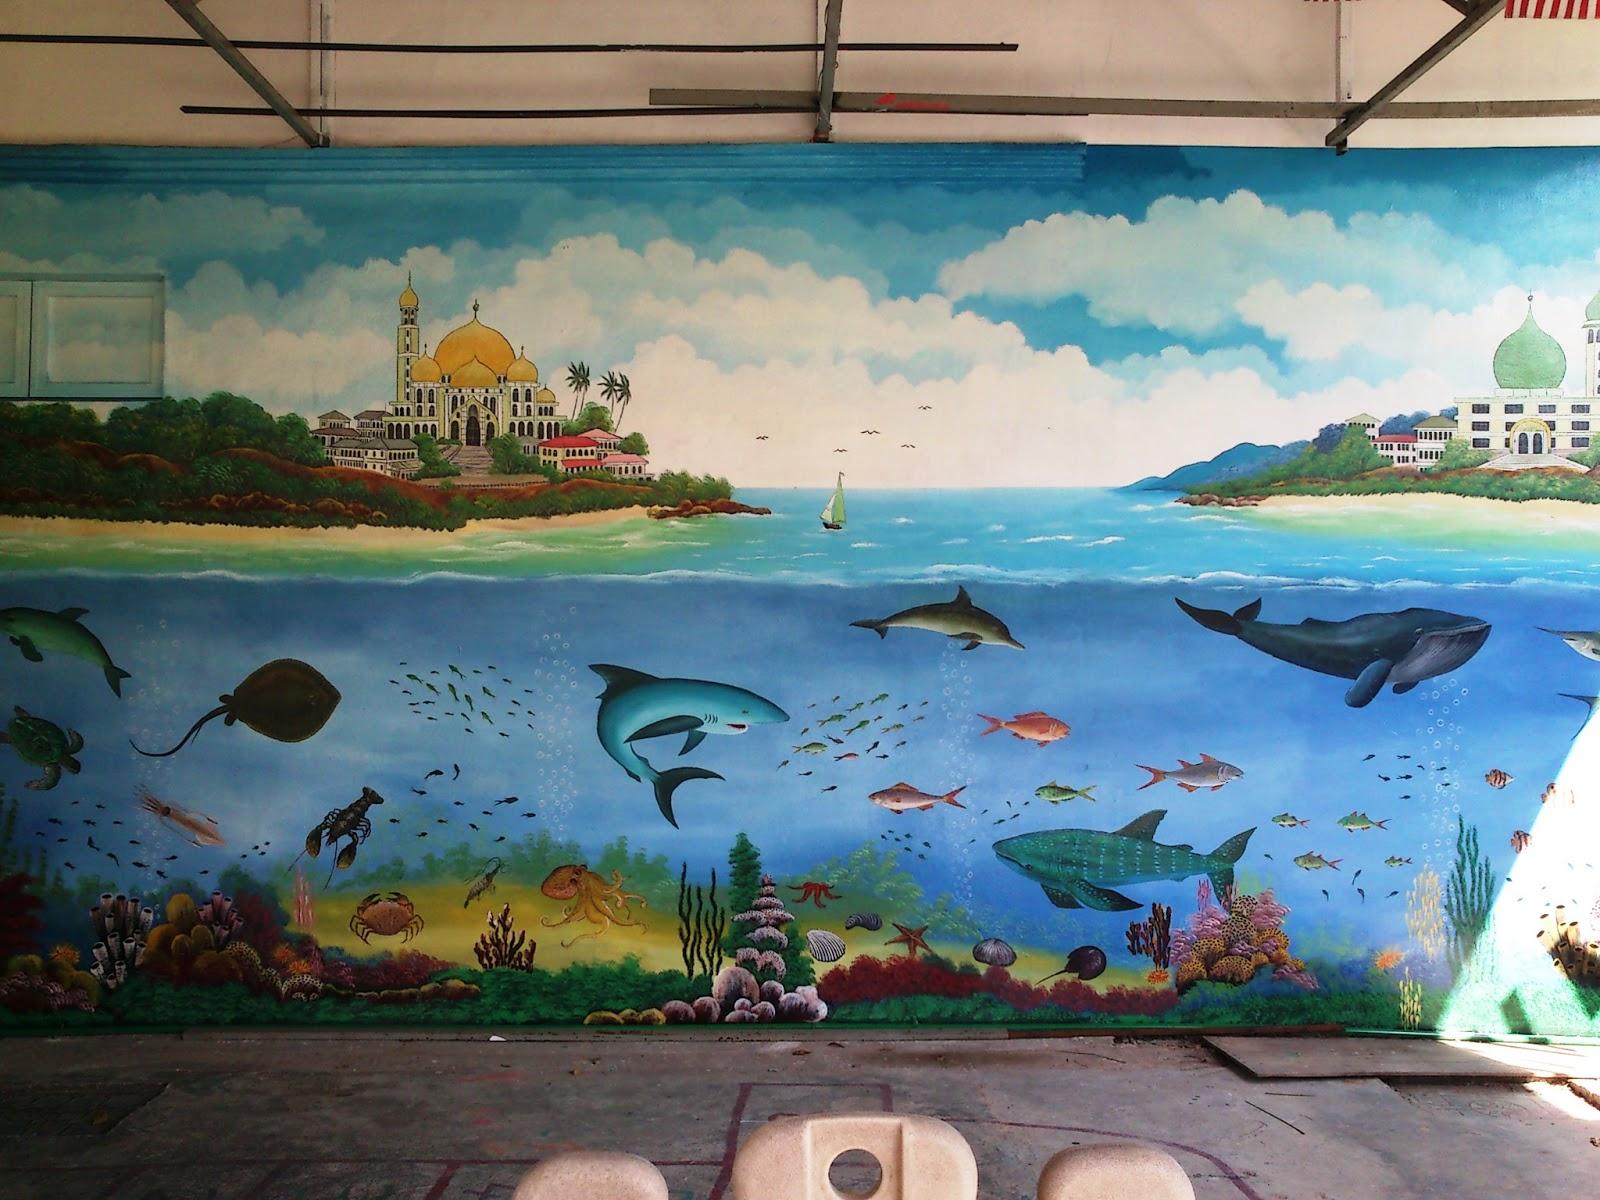 Mural art cetusan idea sample image mural marine life for Mural tadika